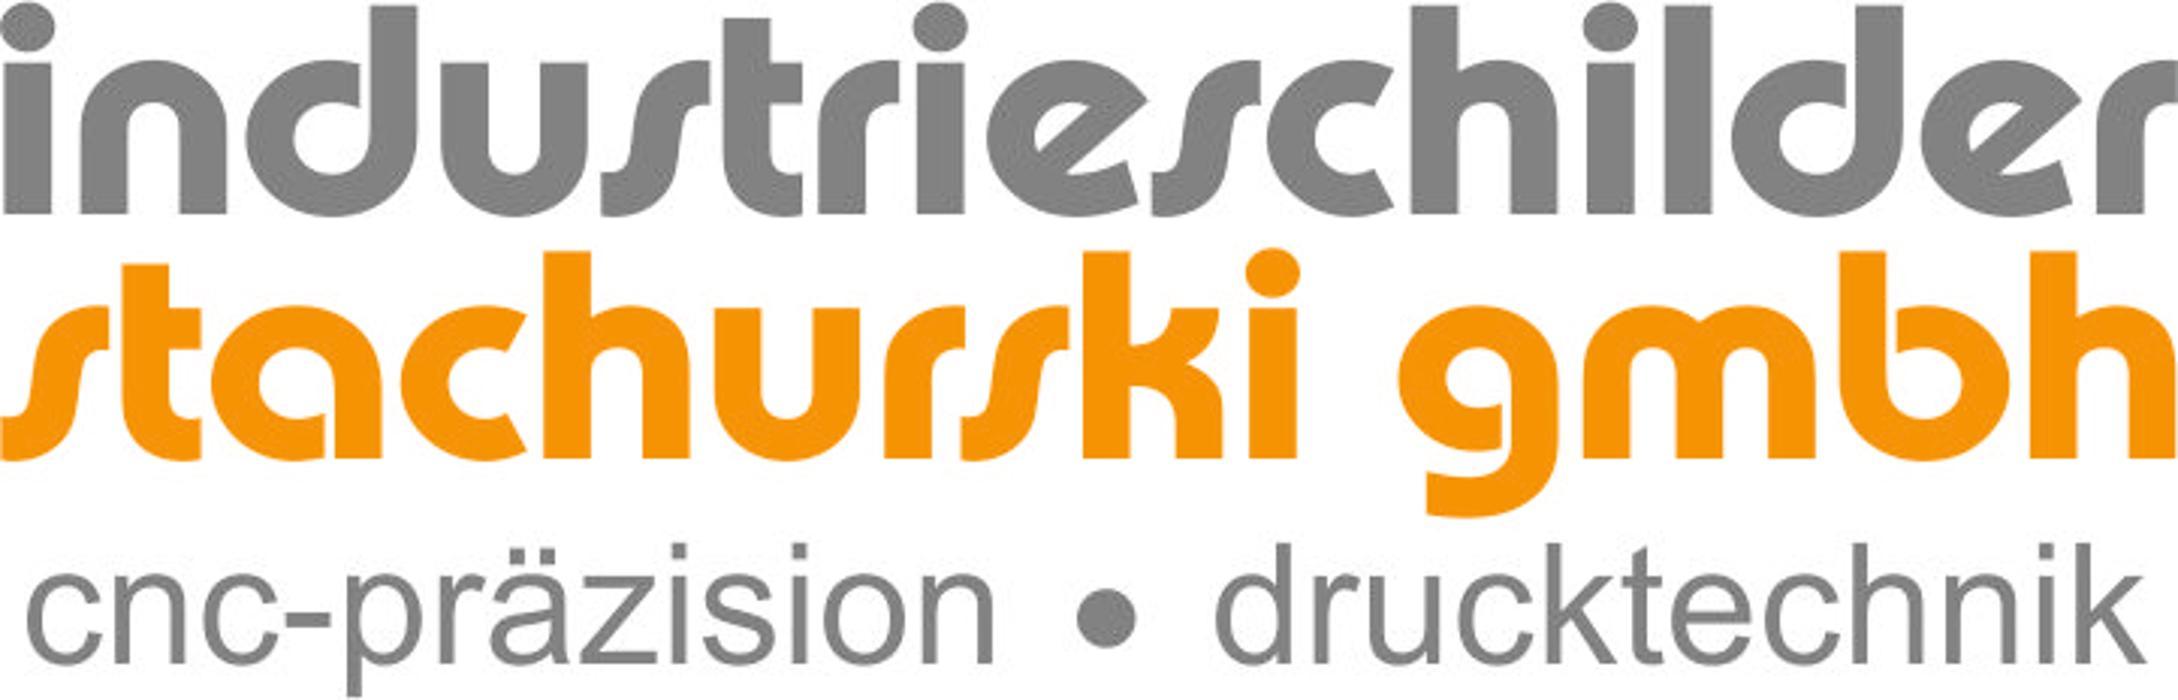 Bild zu Industrieschilder Stachurski GmbH in Stutensee